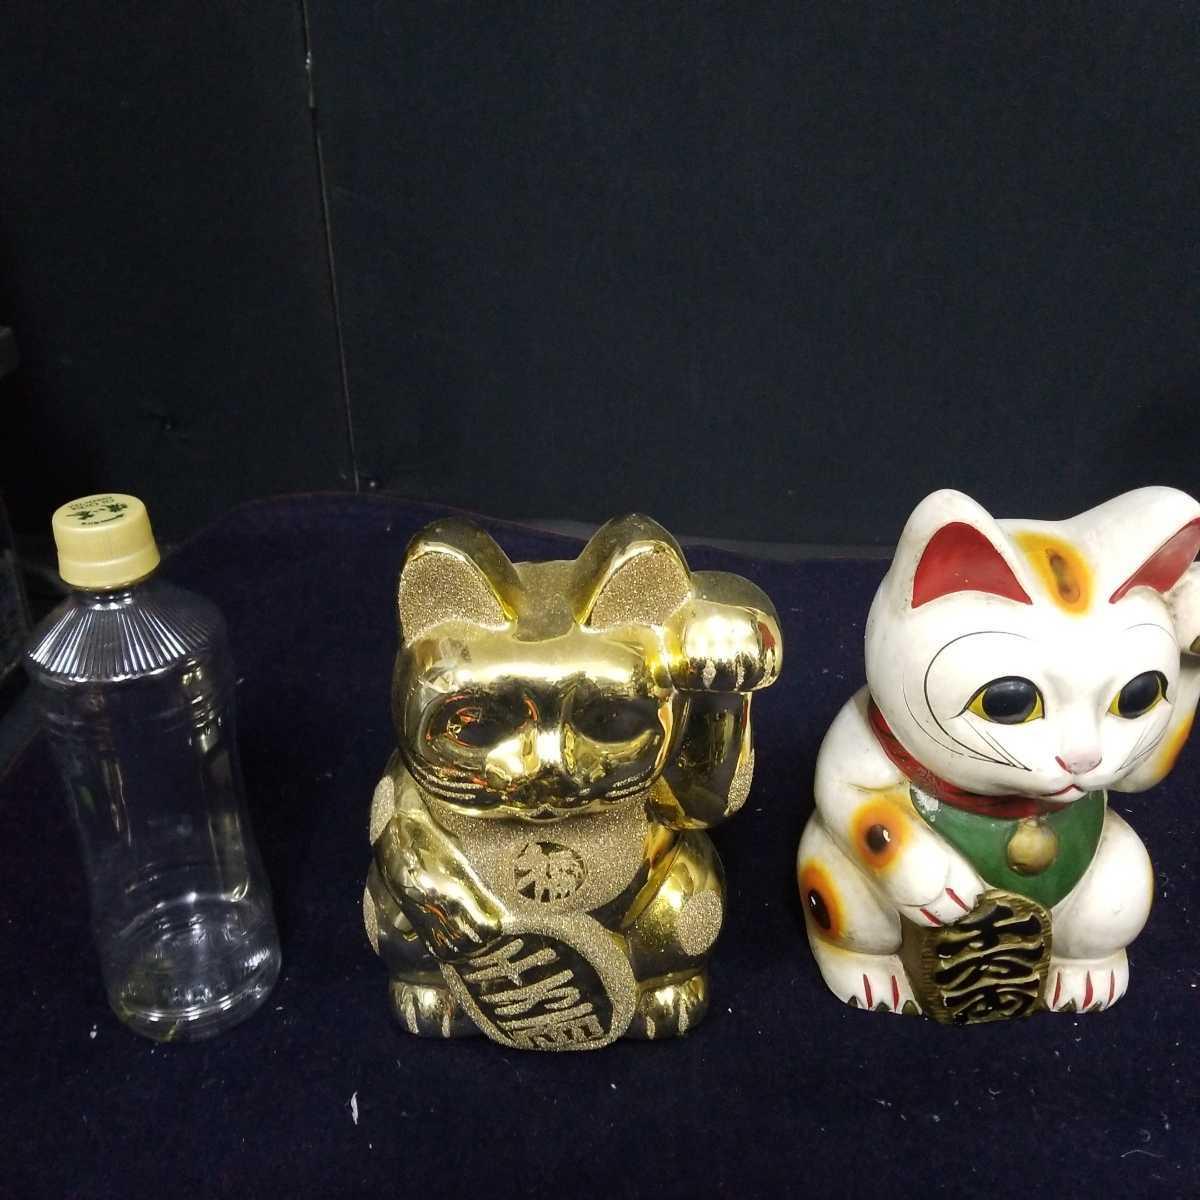 招き猫 昭和レトロ 2点セット 縁起物 金色 白色 貯金箱 まねきねこ_画像1